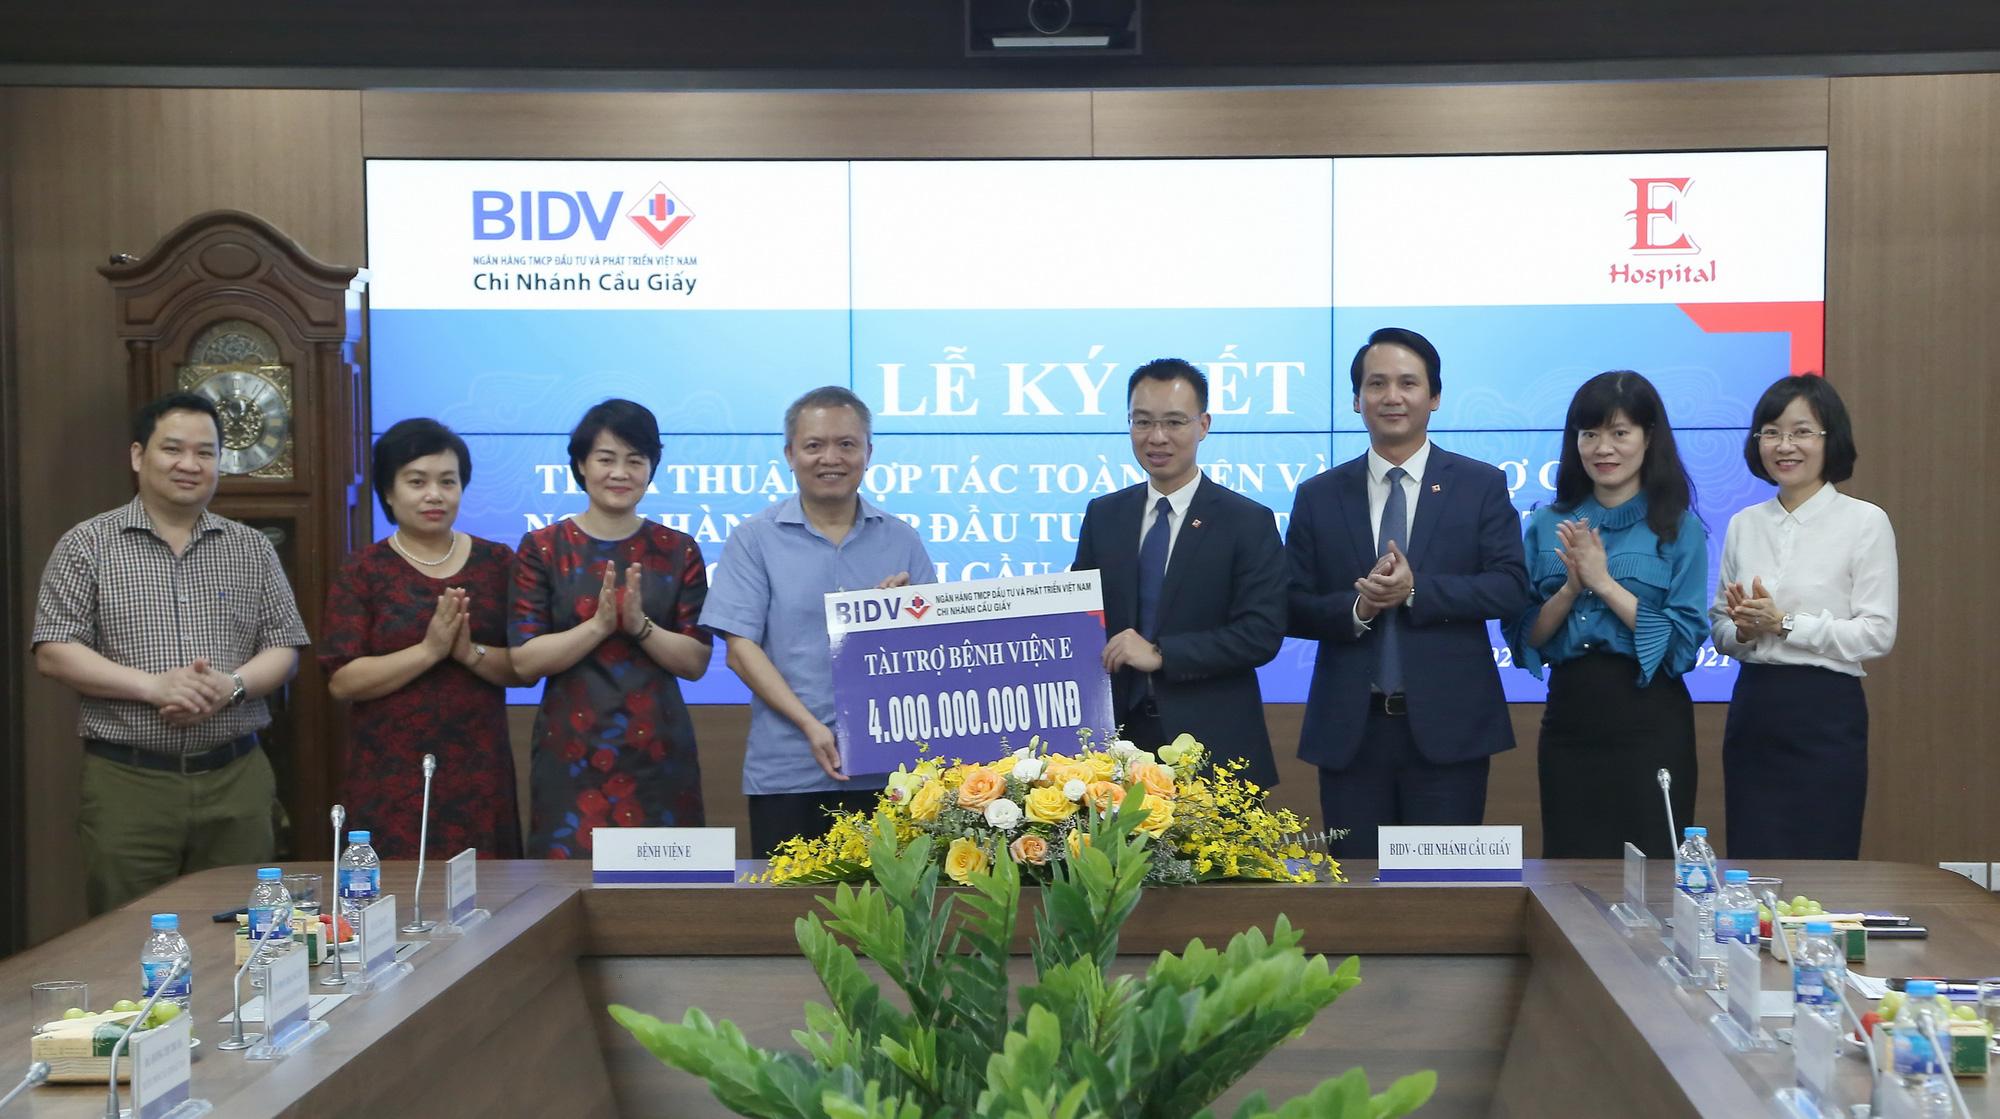 BIDV Cầu Giấy hợp tác toàn diện với Bệnh viện E Trung ương - Ảnh 2.